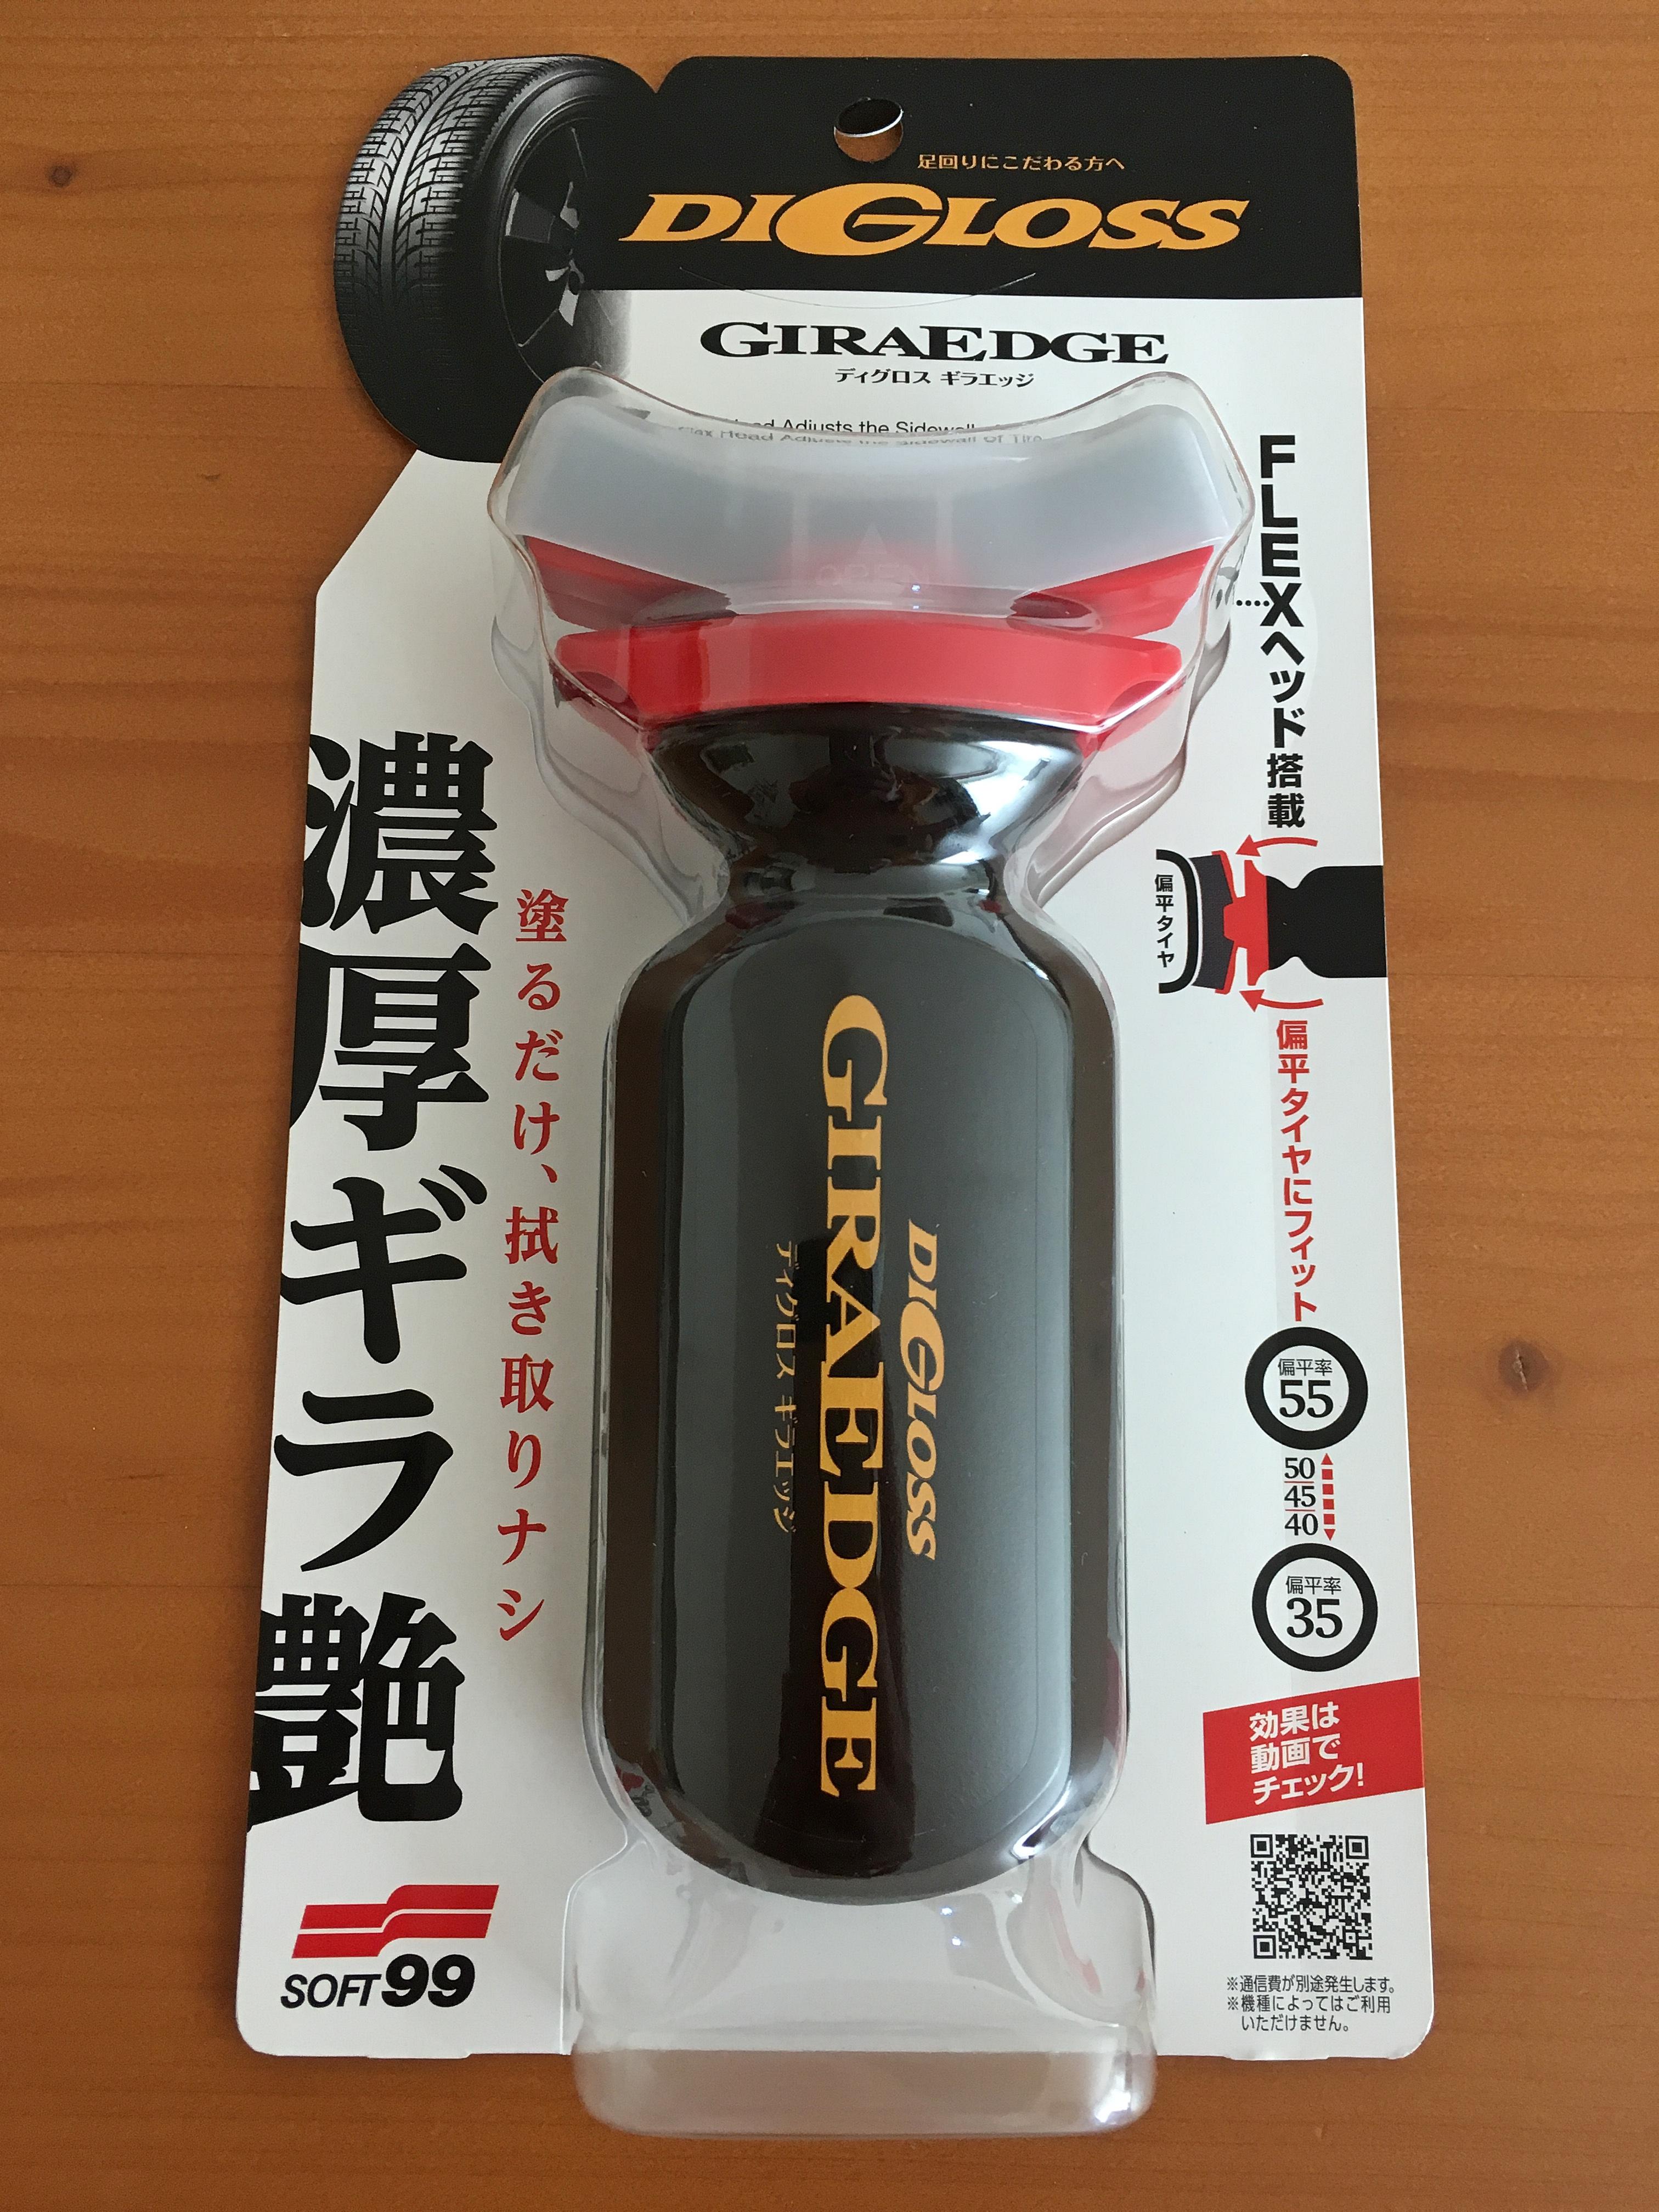 ノート e-POWER ディグロス ギラエッジ_180526.JPG